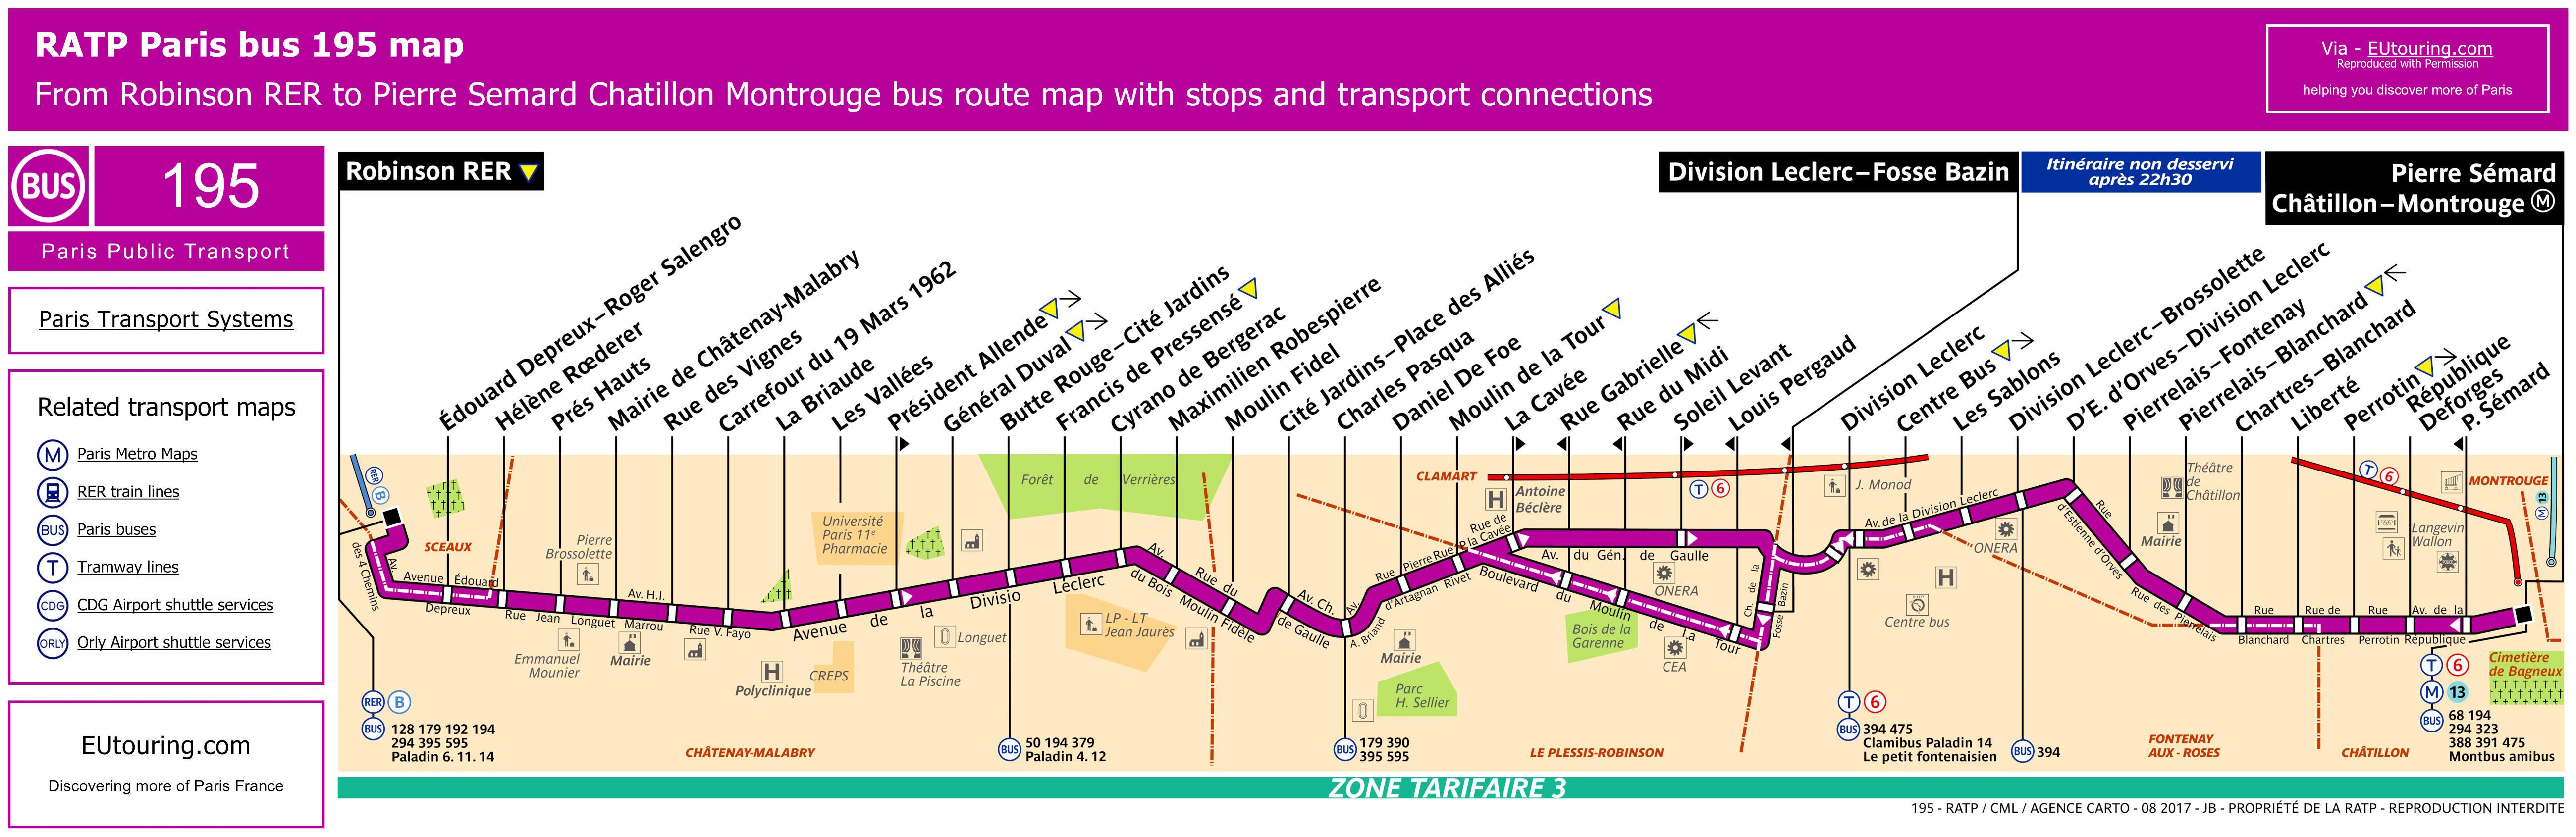 Ratp Bus Maps Timetables For Paris Bus Lines 190 To 199